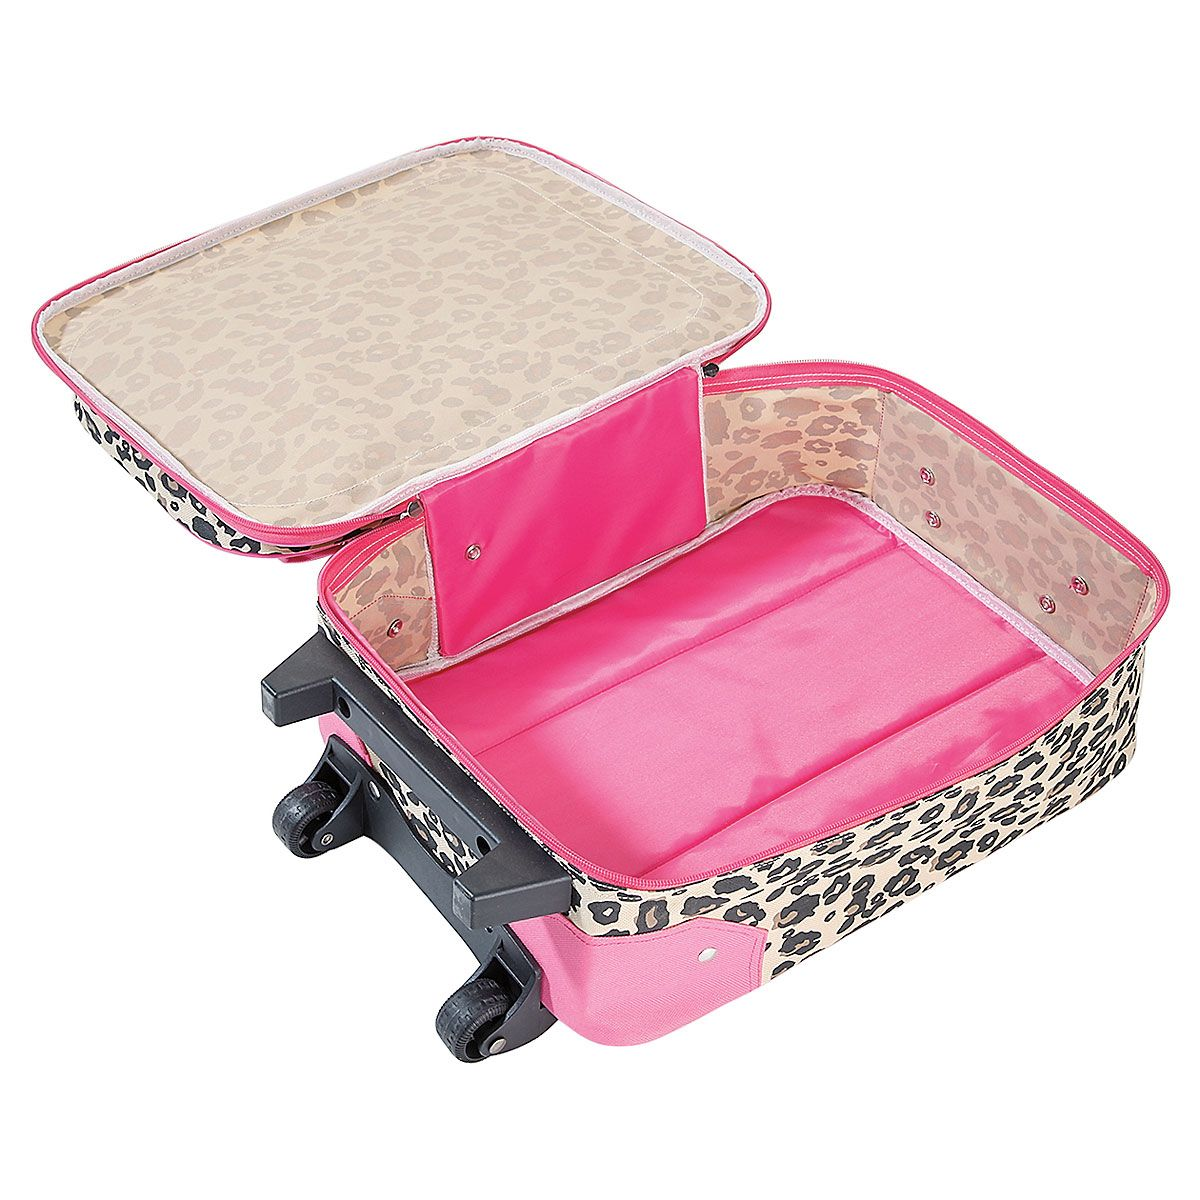 """Leopard Spots 18"""" Rolling Luggage"""